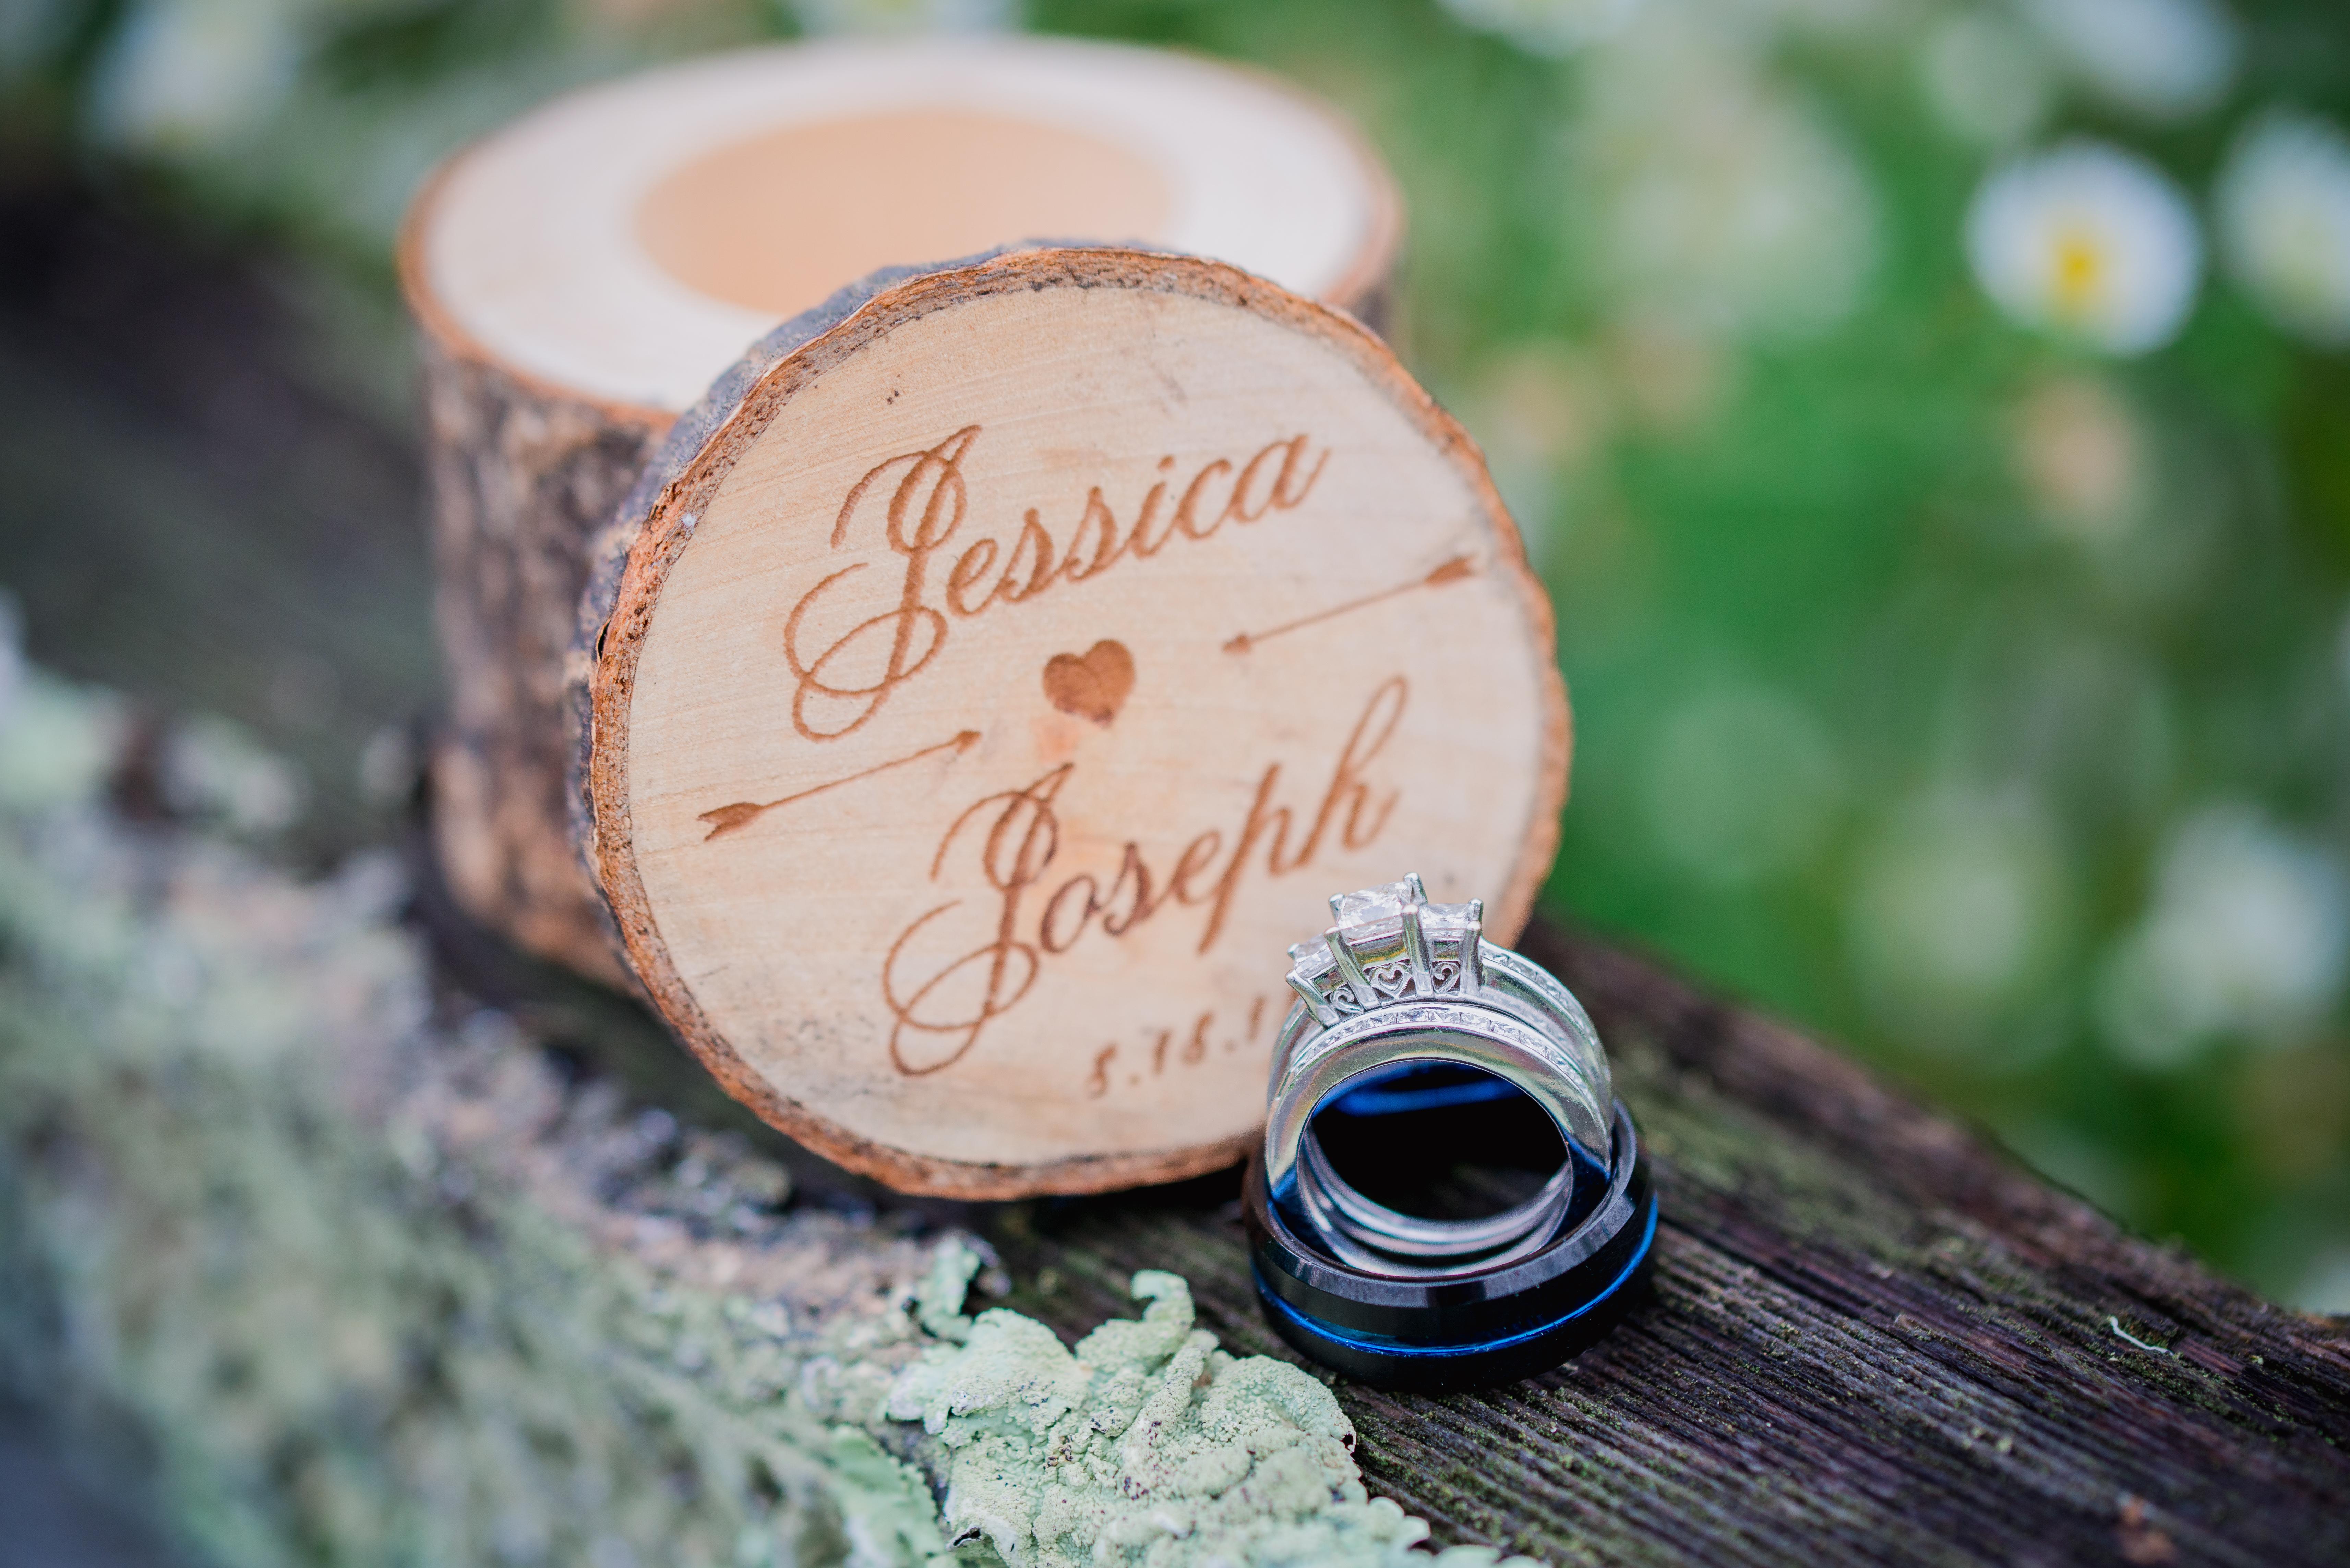 JessicaJoseph-39